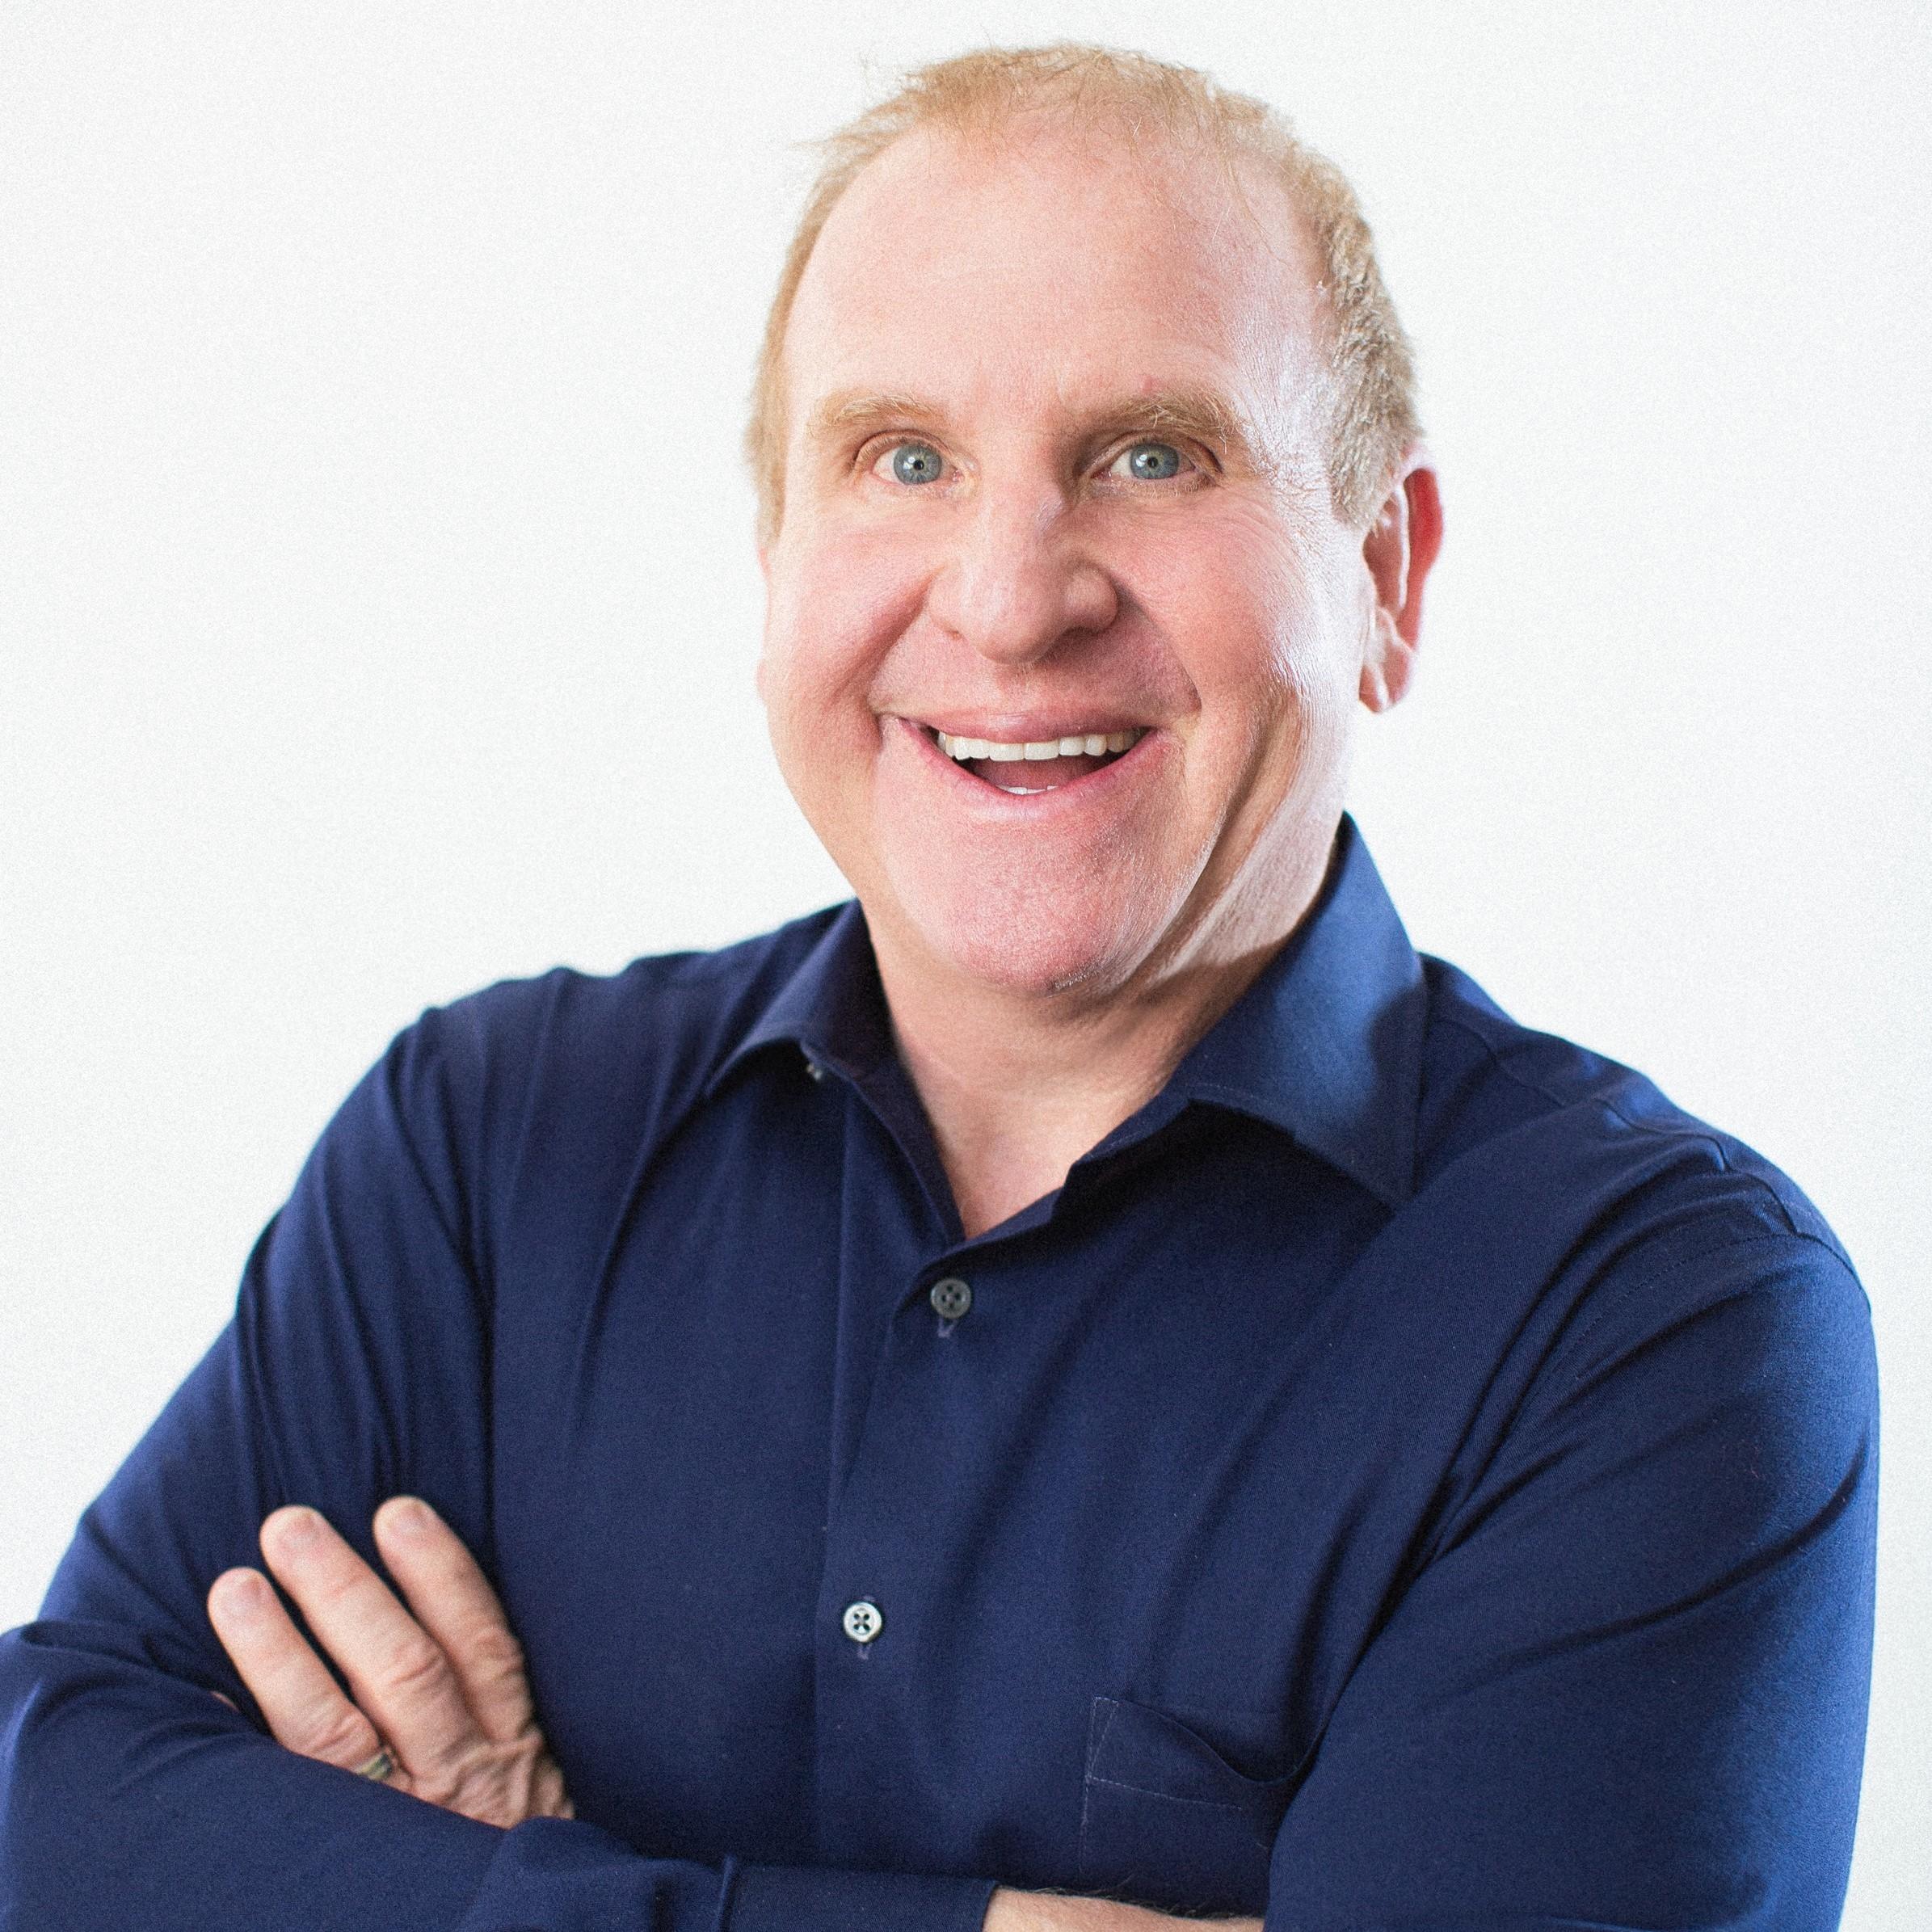 Mike Rovner